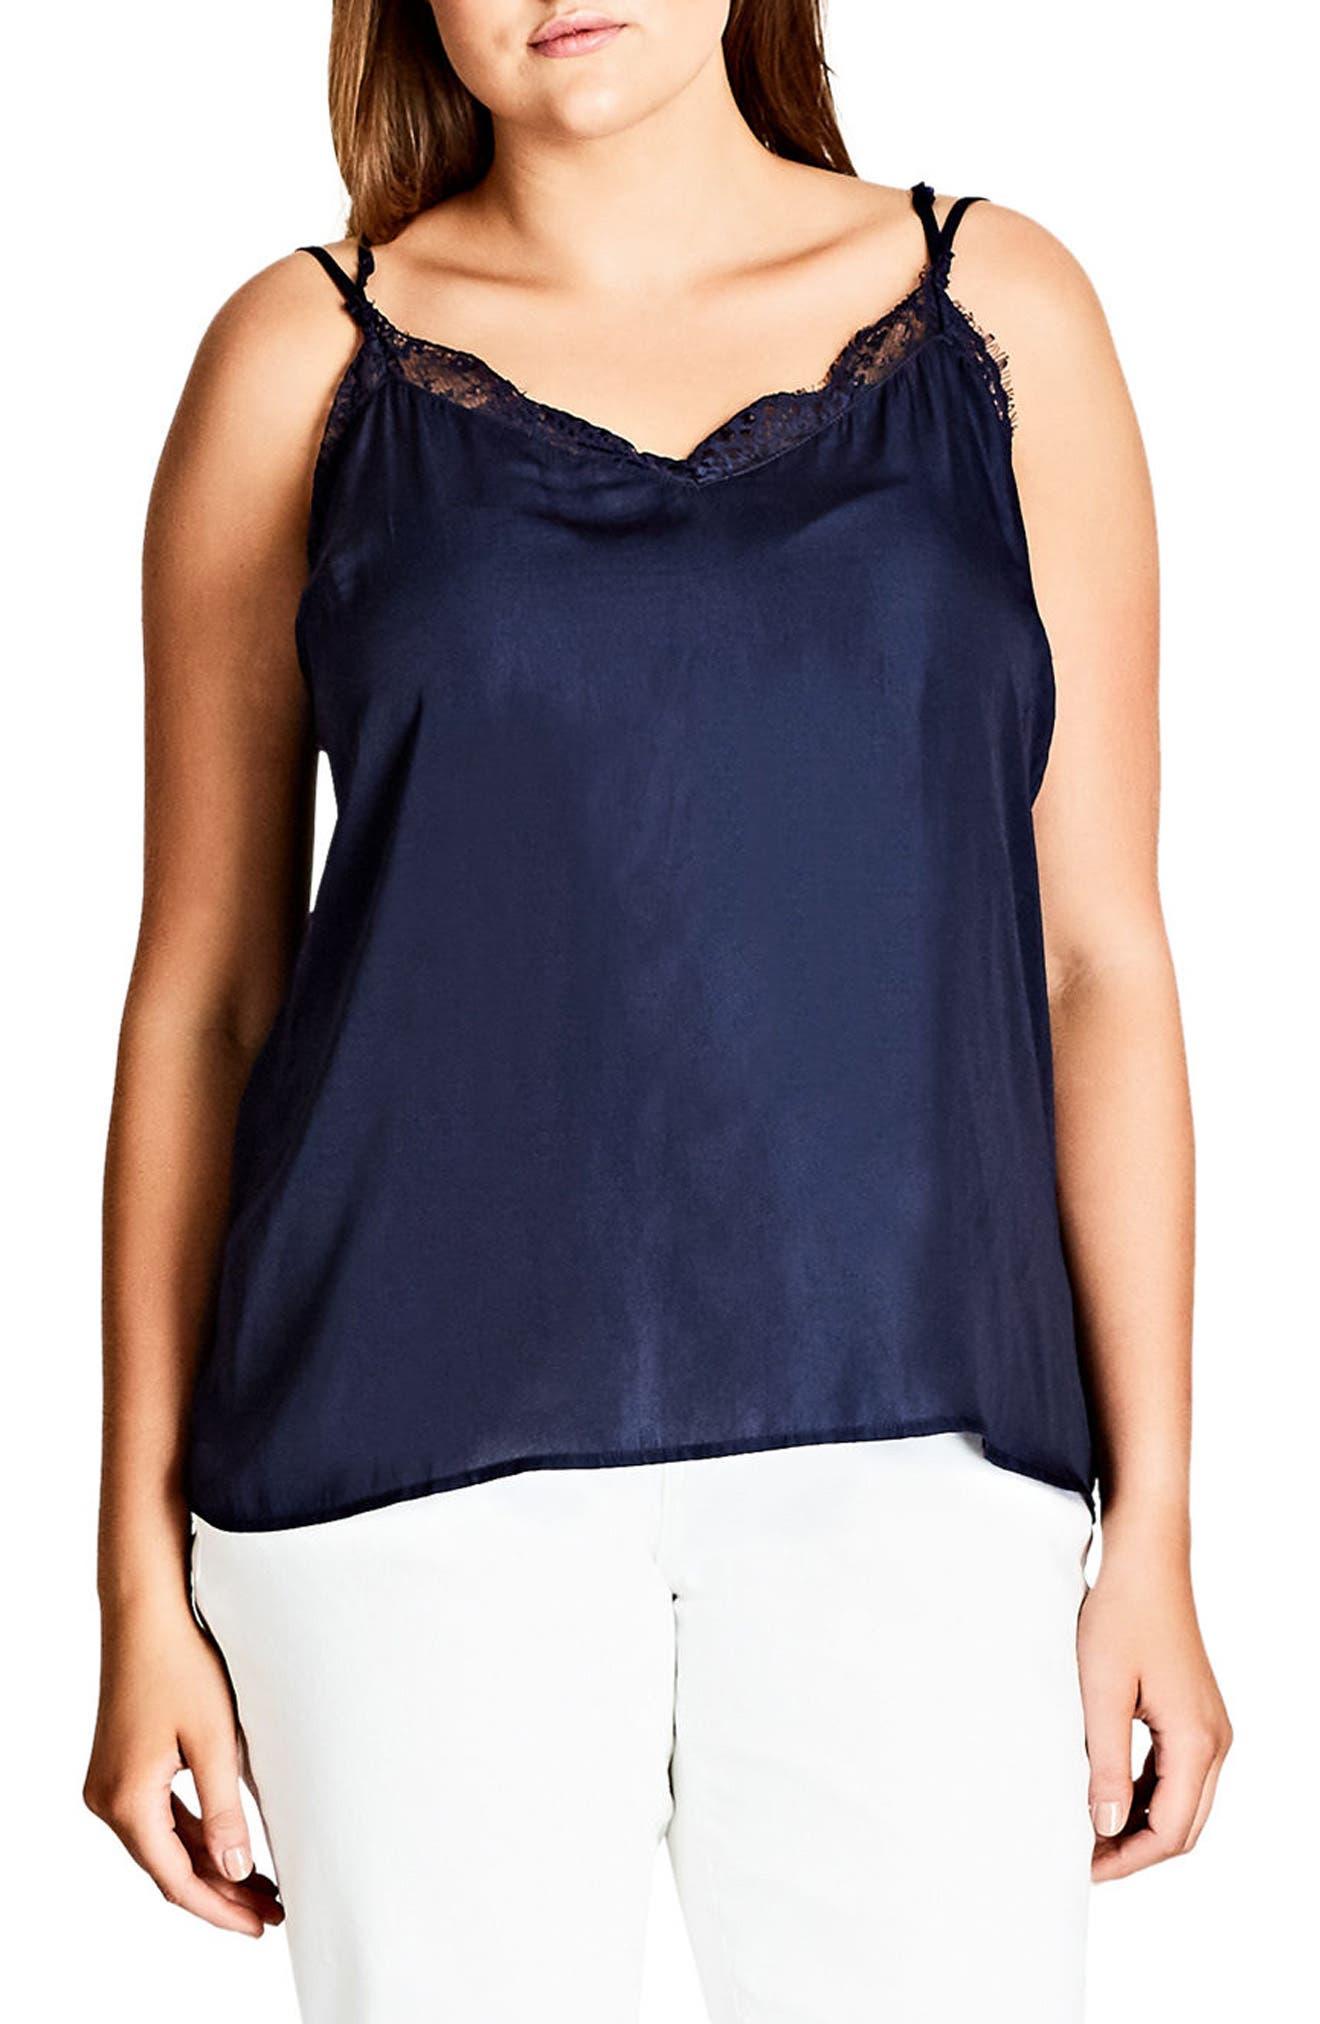 Main Image - City Chic Lace Trim Camisole (Plus Size)